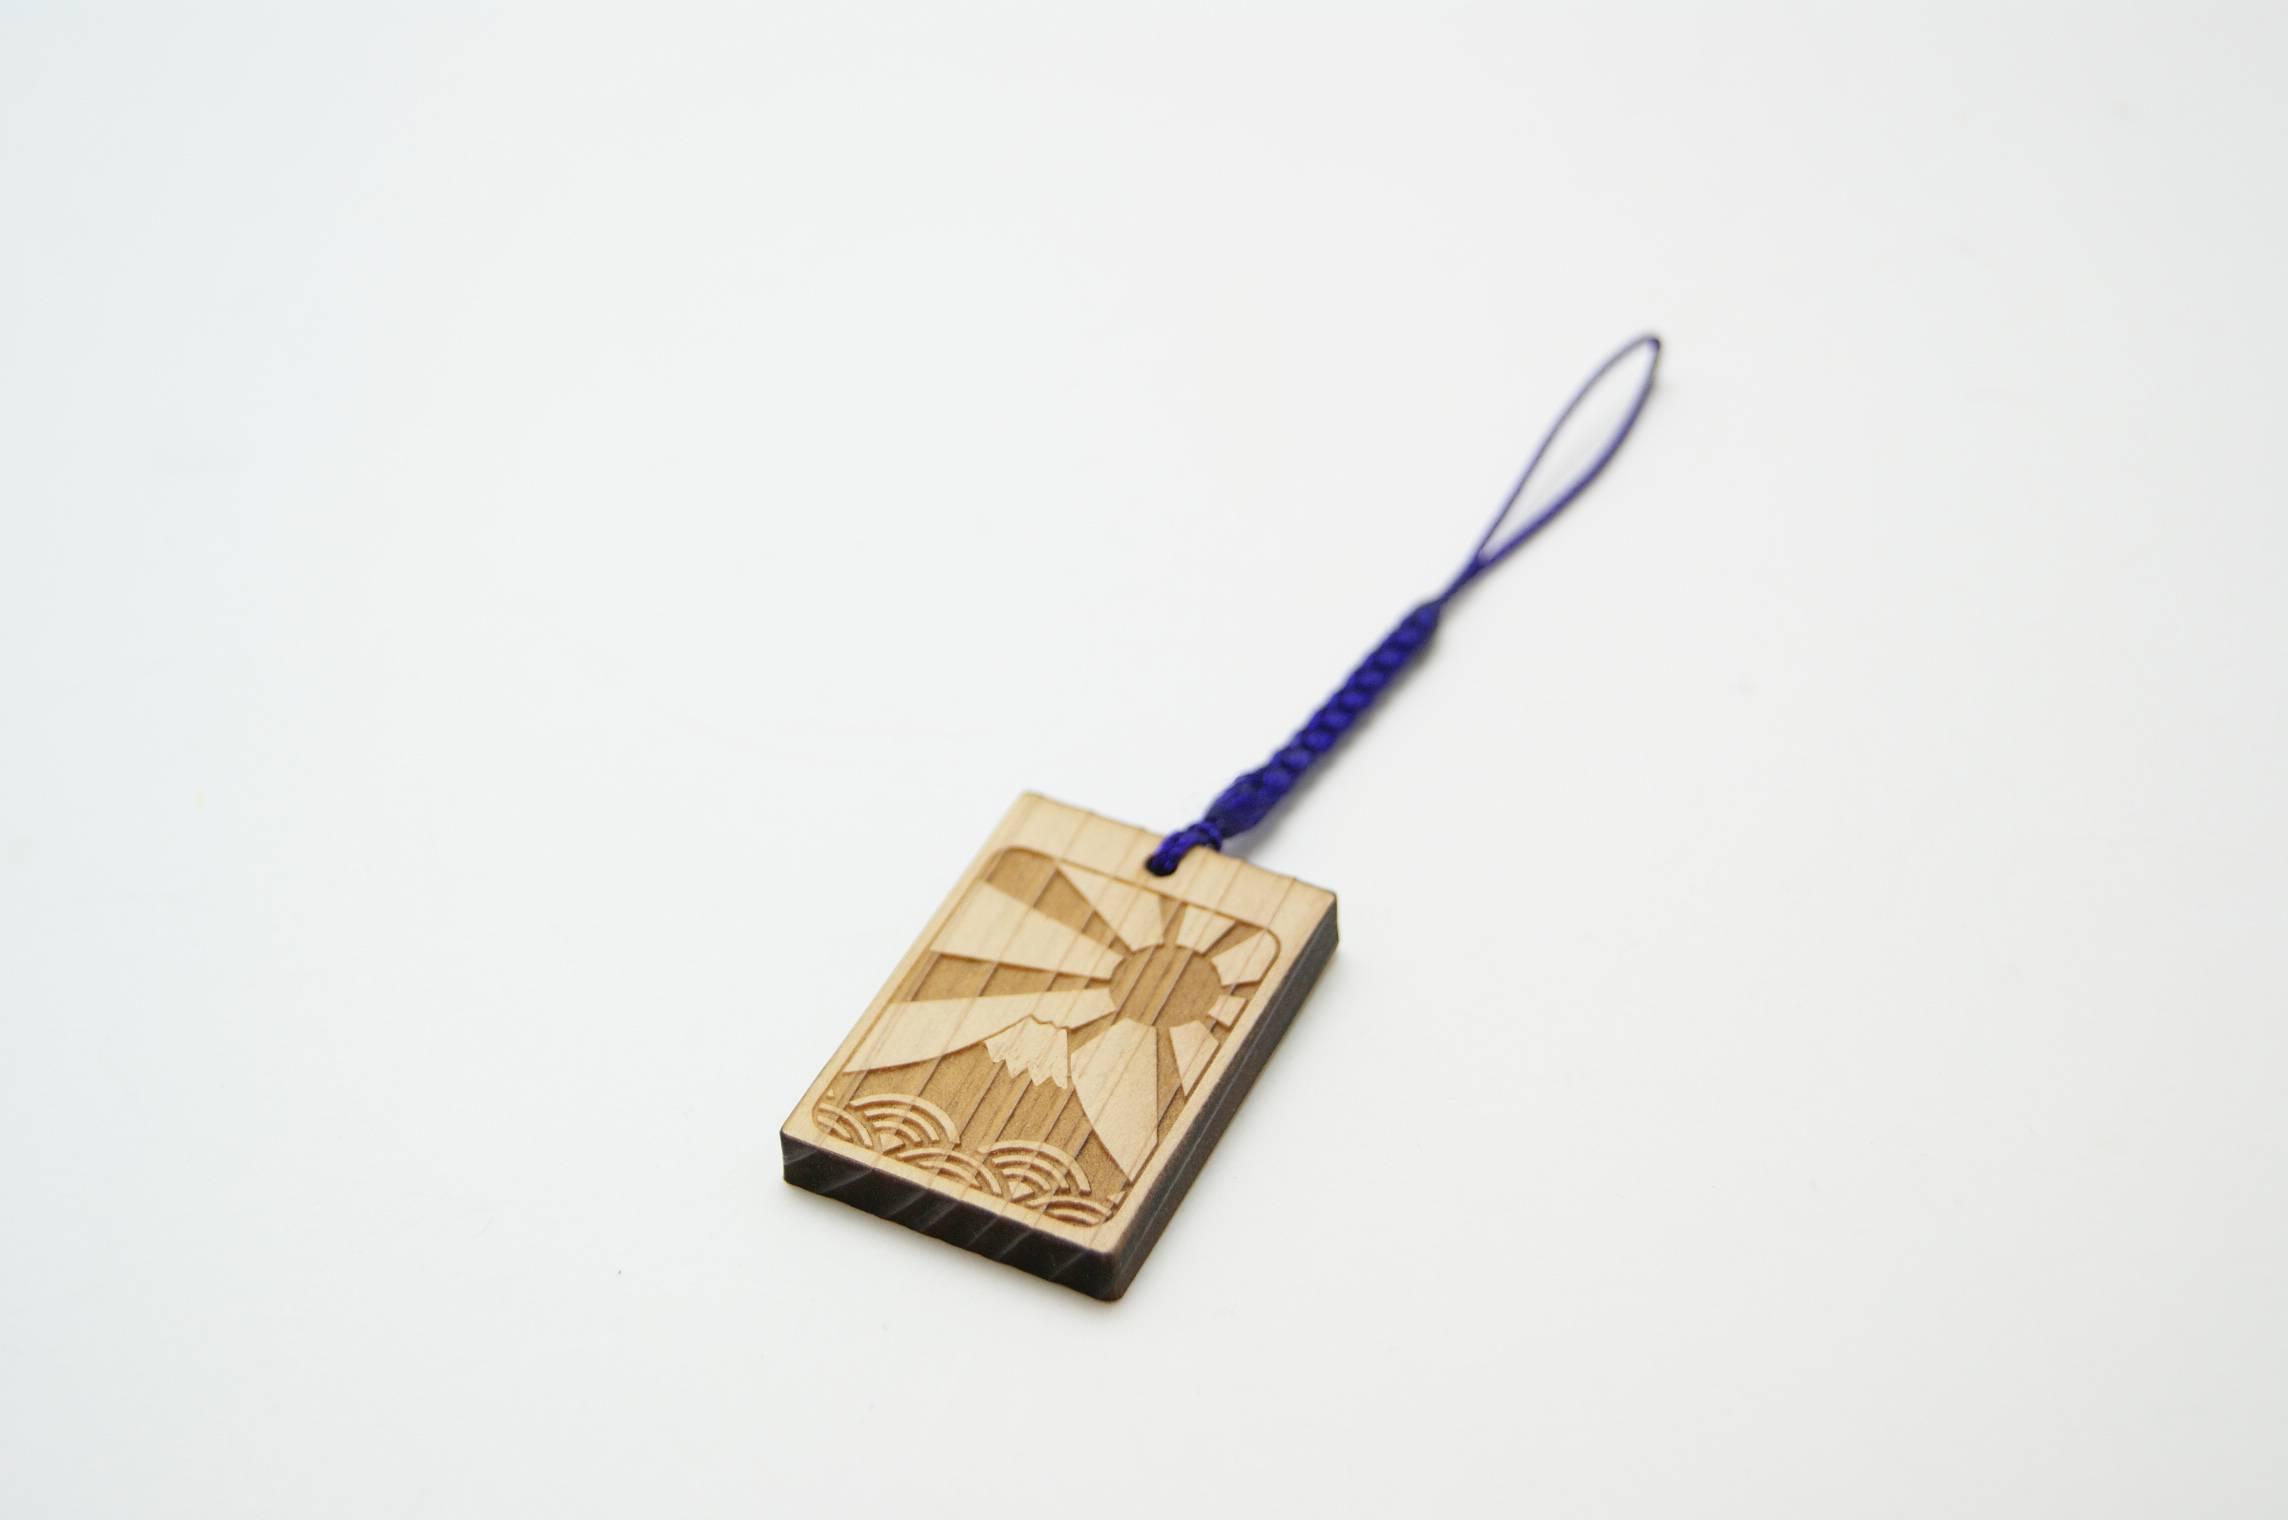 レーザー彫刻で名入れ・デザインできる木札